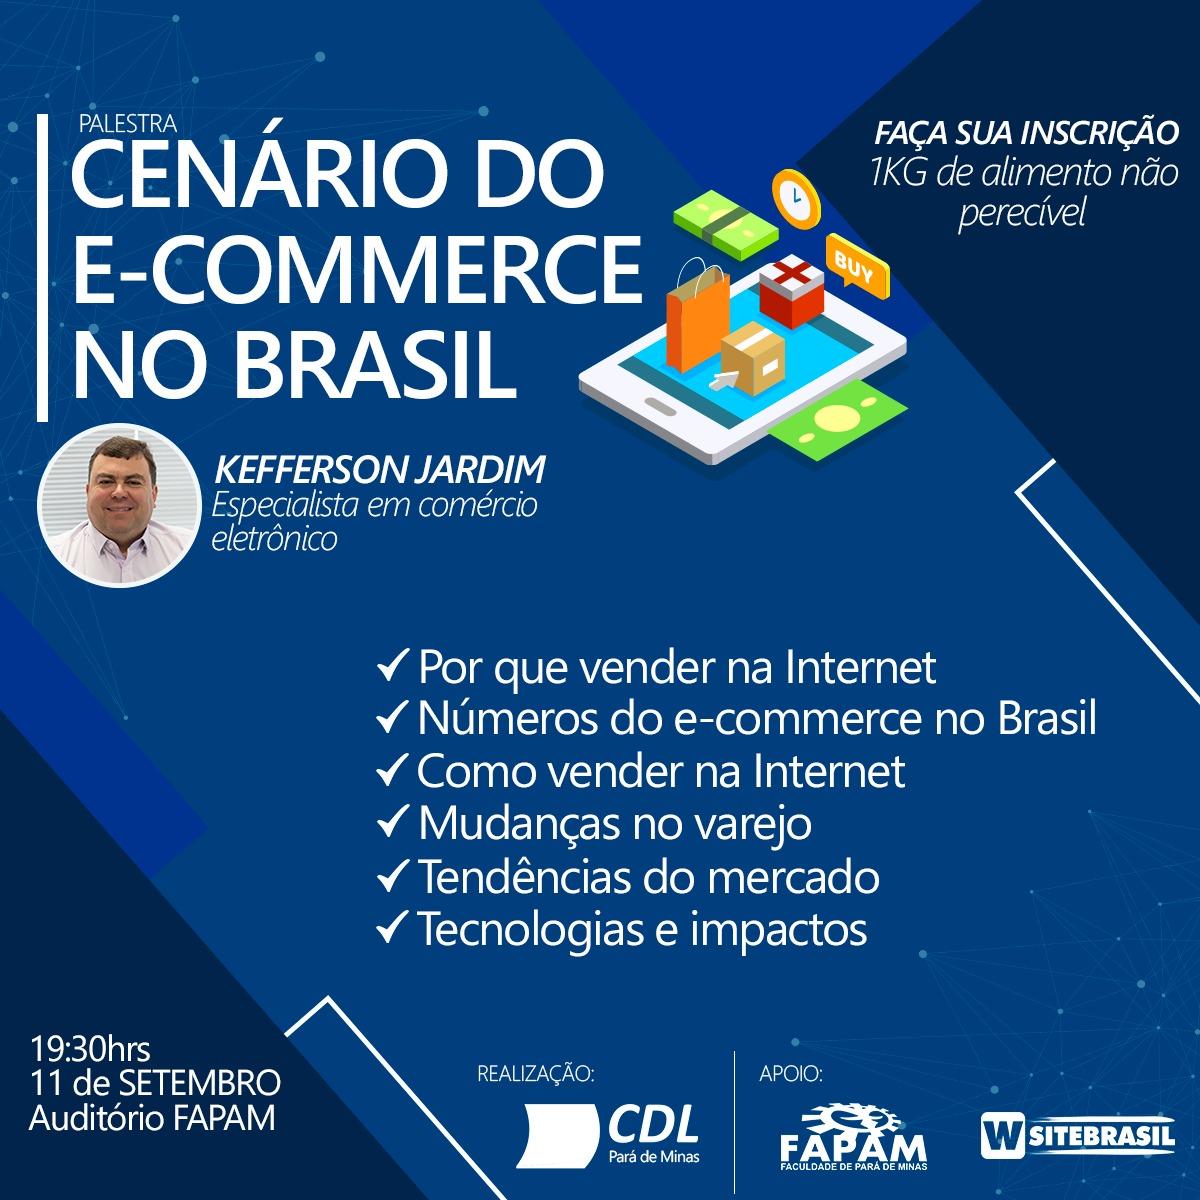 CENÁRIO DO E-COMMERCE NO BRASIL